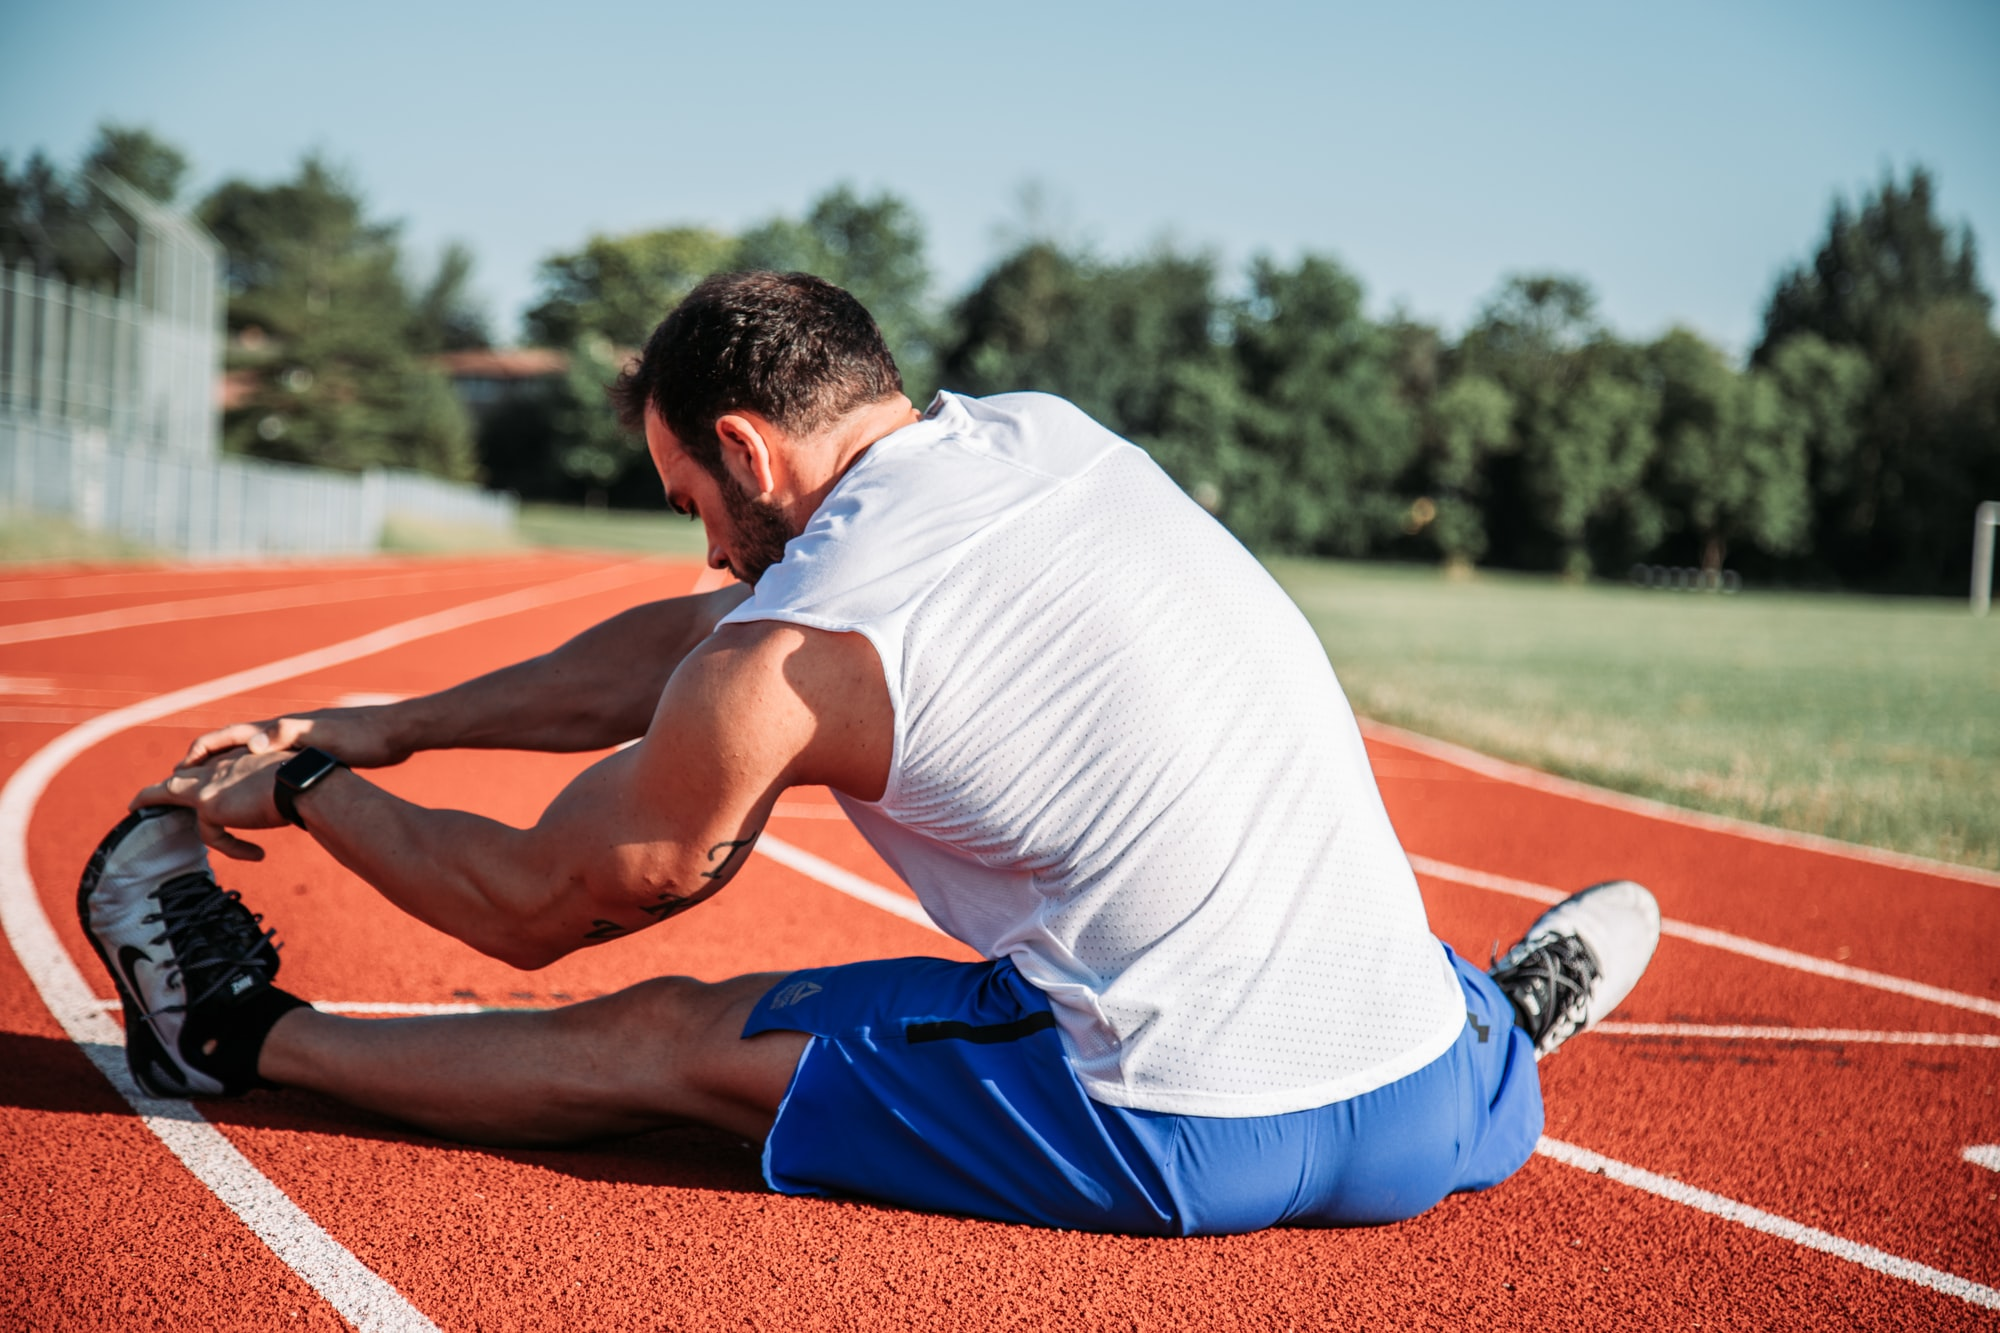 ข้อผิดพลาด 8 ประการ ในการยืดเส้น ที่ทำให้การฟื้นตัวและความคล่องตัวลดลง